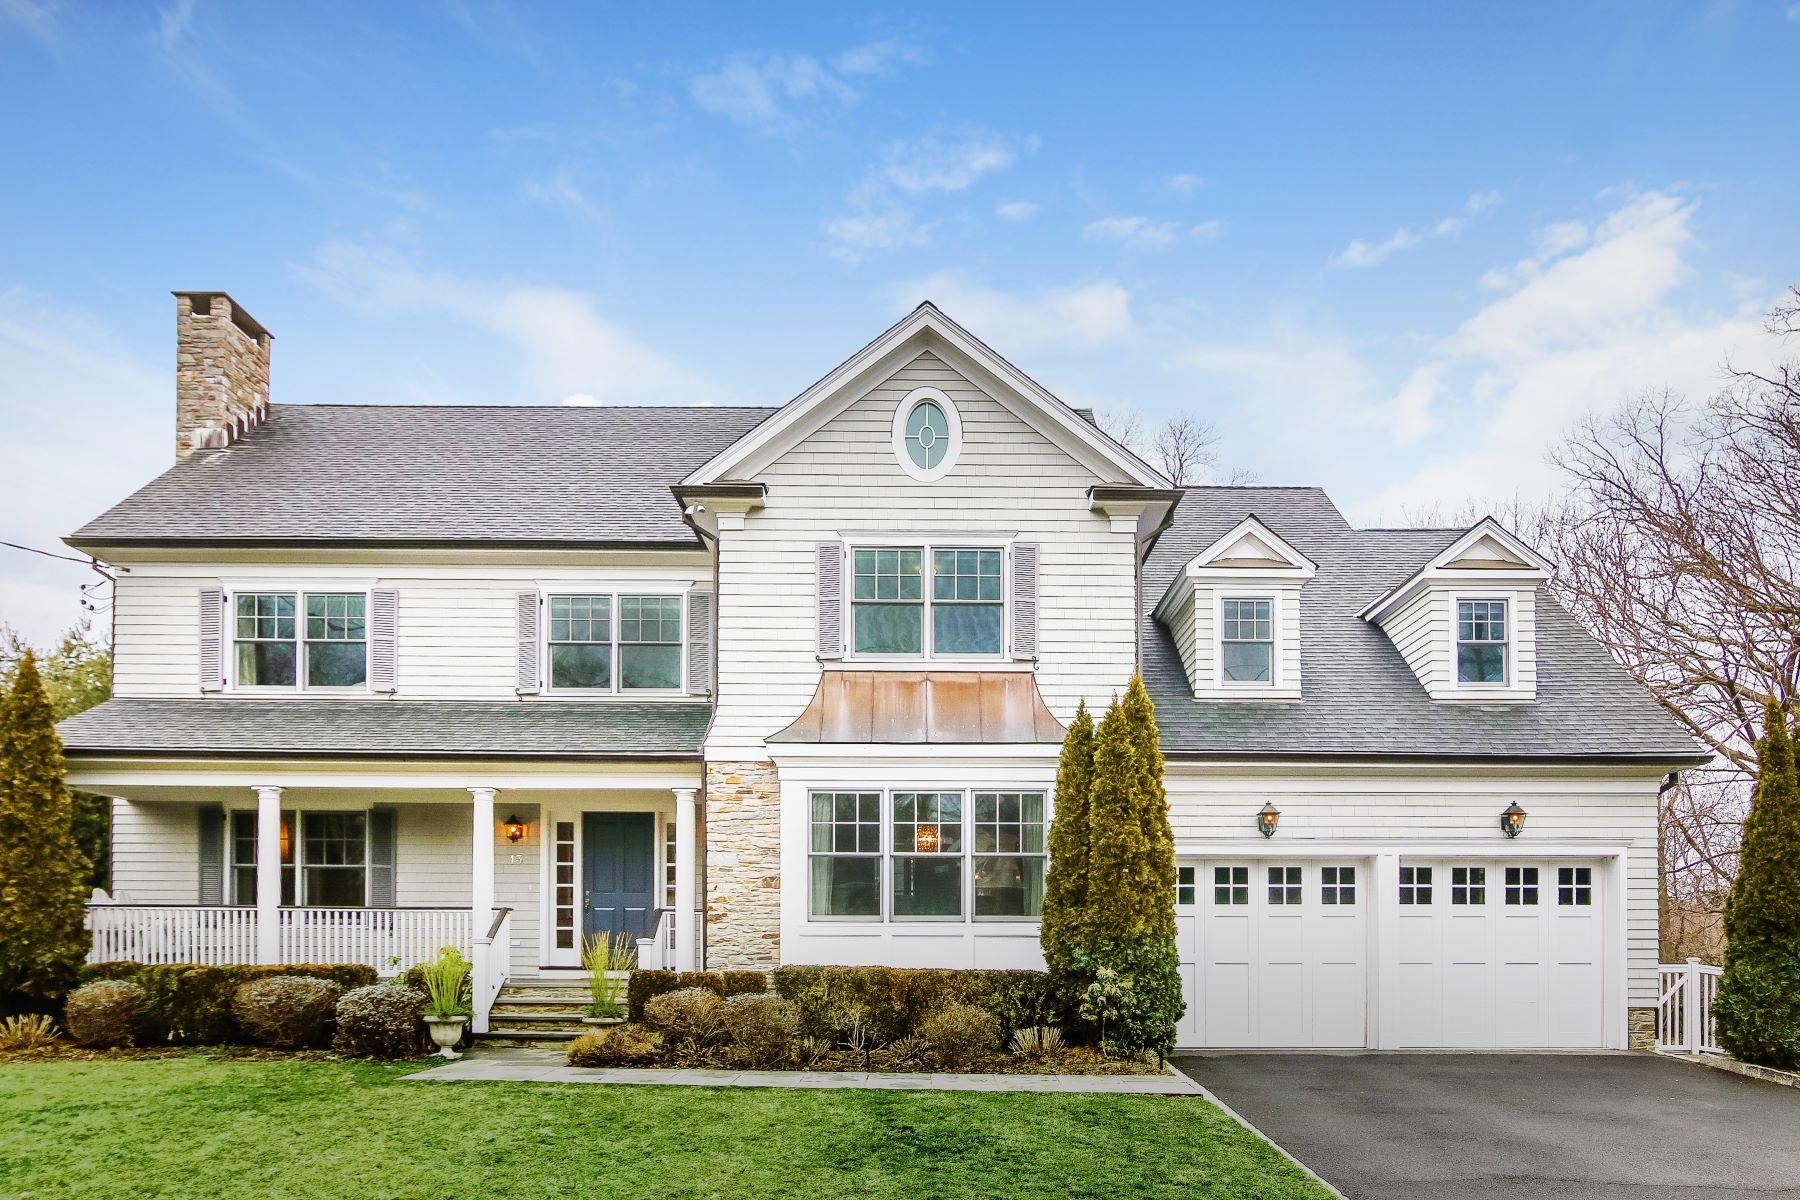 独户住宅 为 销售 在 13 Hook Road 拉伊, 纽约州, 10580 美国